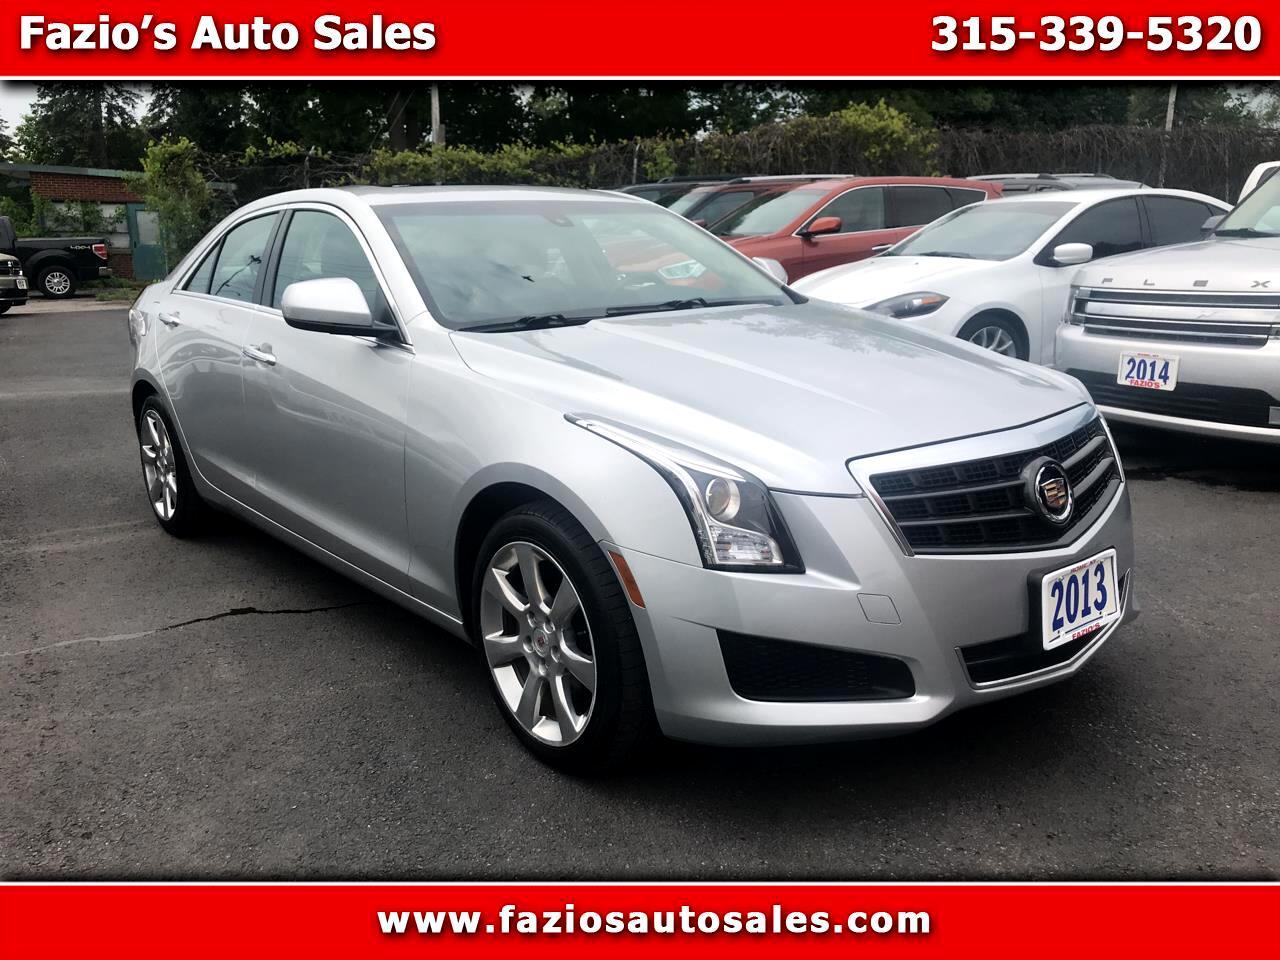 2013 Cadillac ATS 2.0L Base AWD